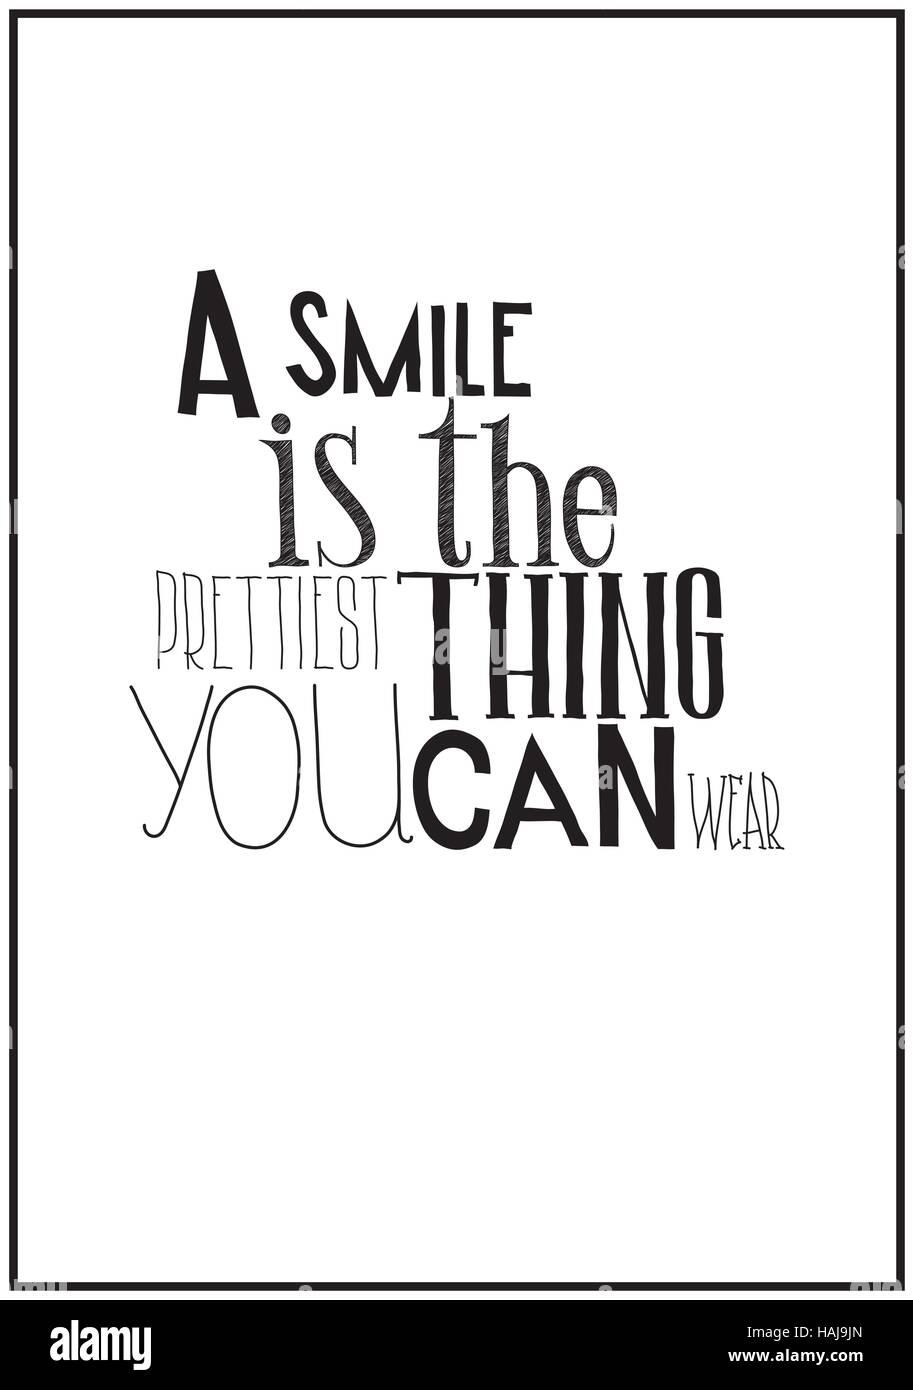 Einfache Schwarz Weiss Poster Mit Einem Motivierenden Zitat Vektor